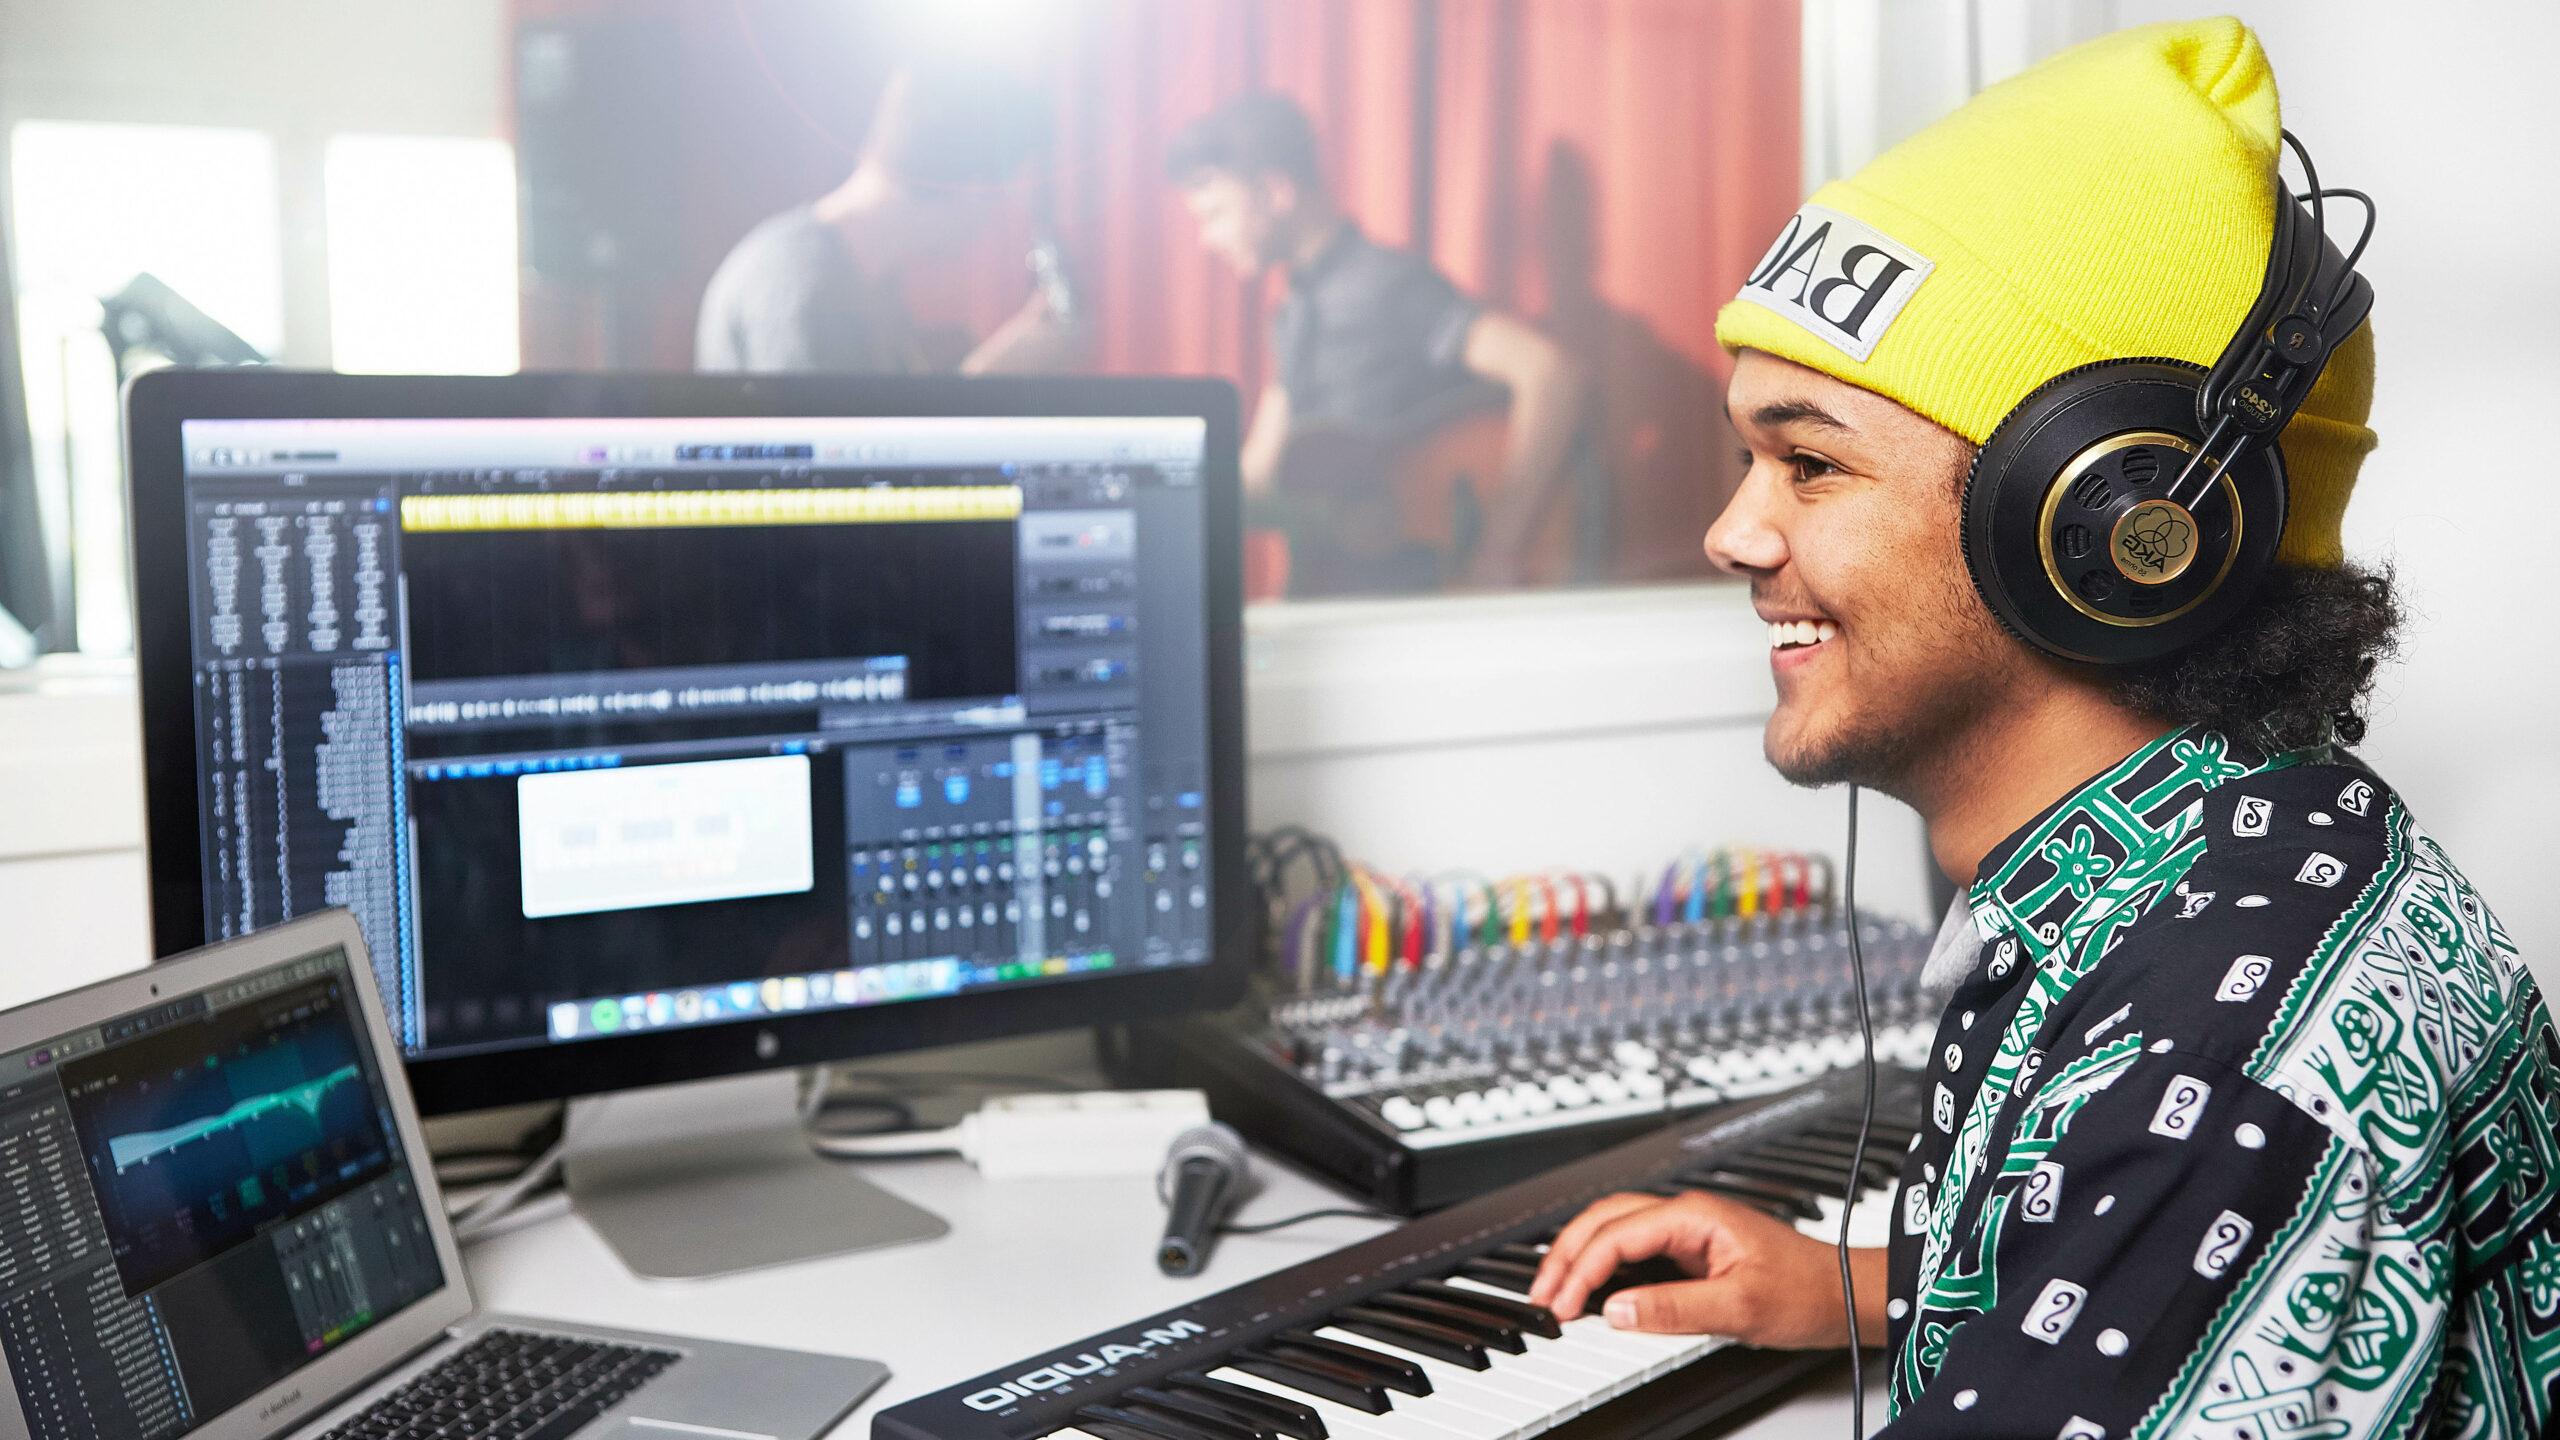 En kille i en musikstudio.